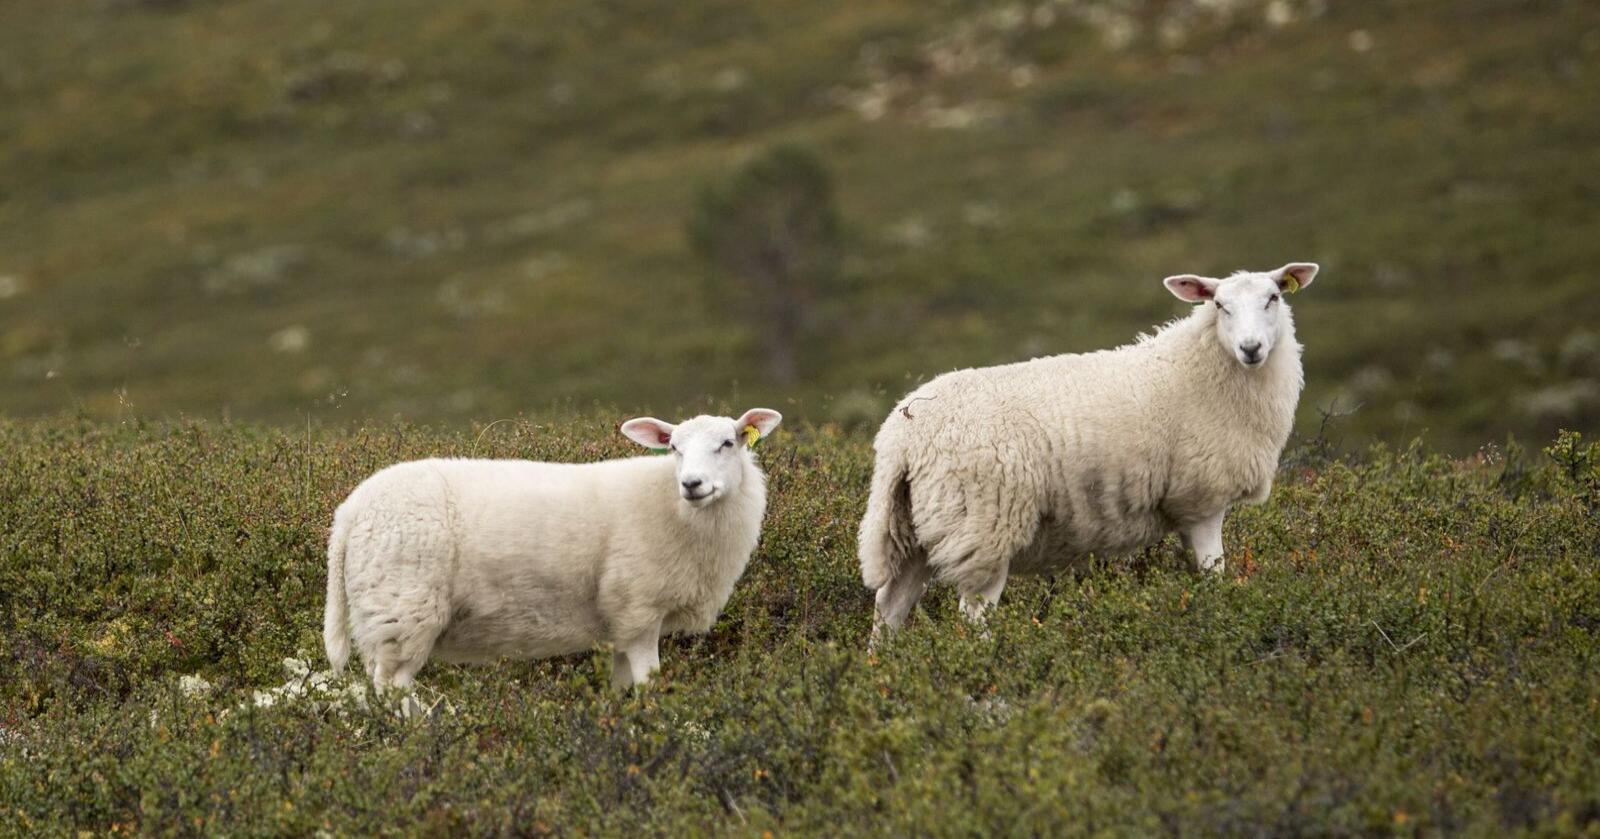 Jordbruket står for 8,8 prosent av norske klimagassutslepp, viser tal frå Miljødirektoratet. Mykje av dei utsleppa kjem frå fordøyinga til dyr. Avls-teknologi frå New Zealand skal no bidra til å få ned metanutsleppa. Arkivfoto: Paul Kleiven / NTB scanpix / NPK